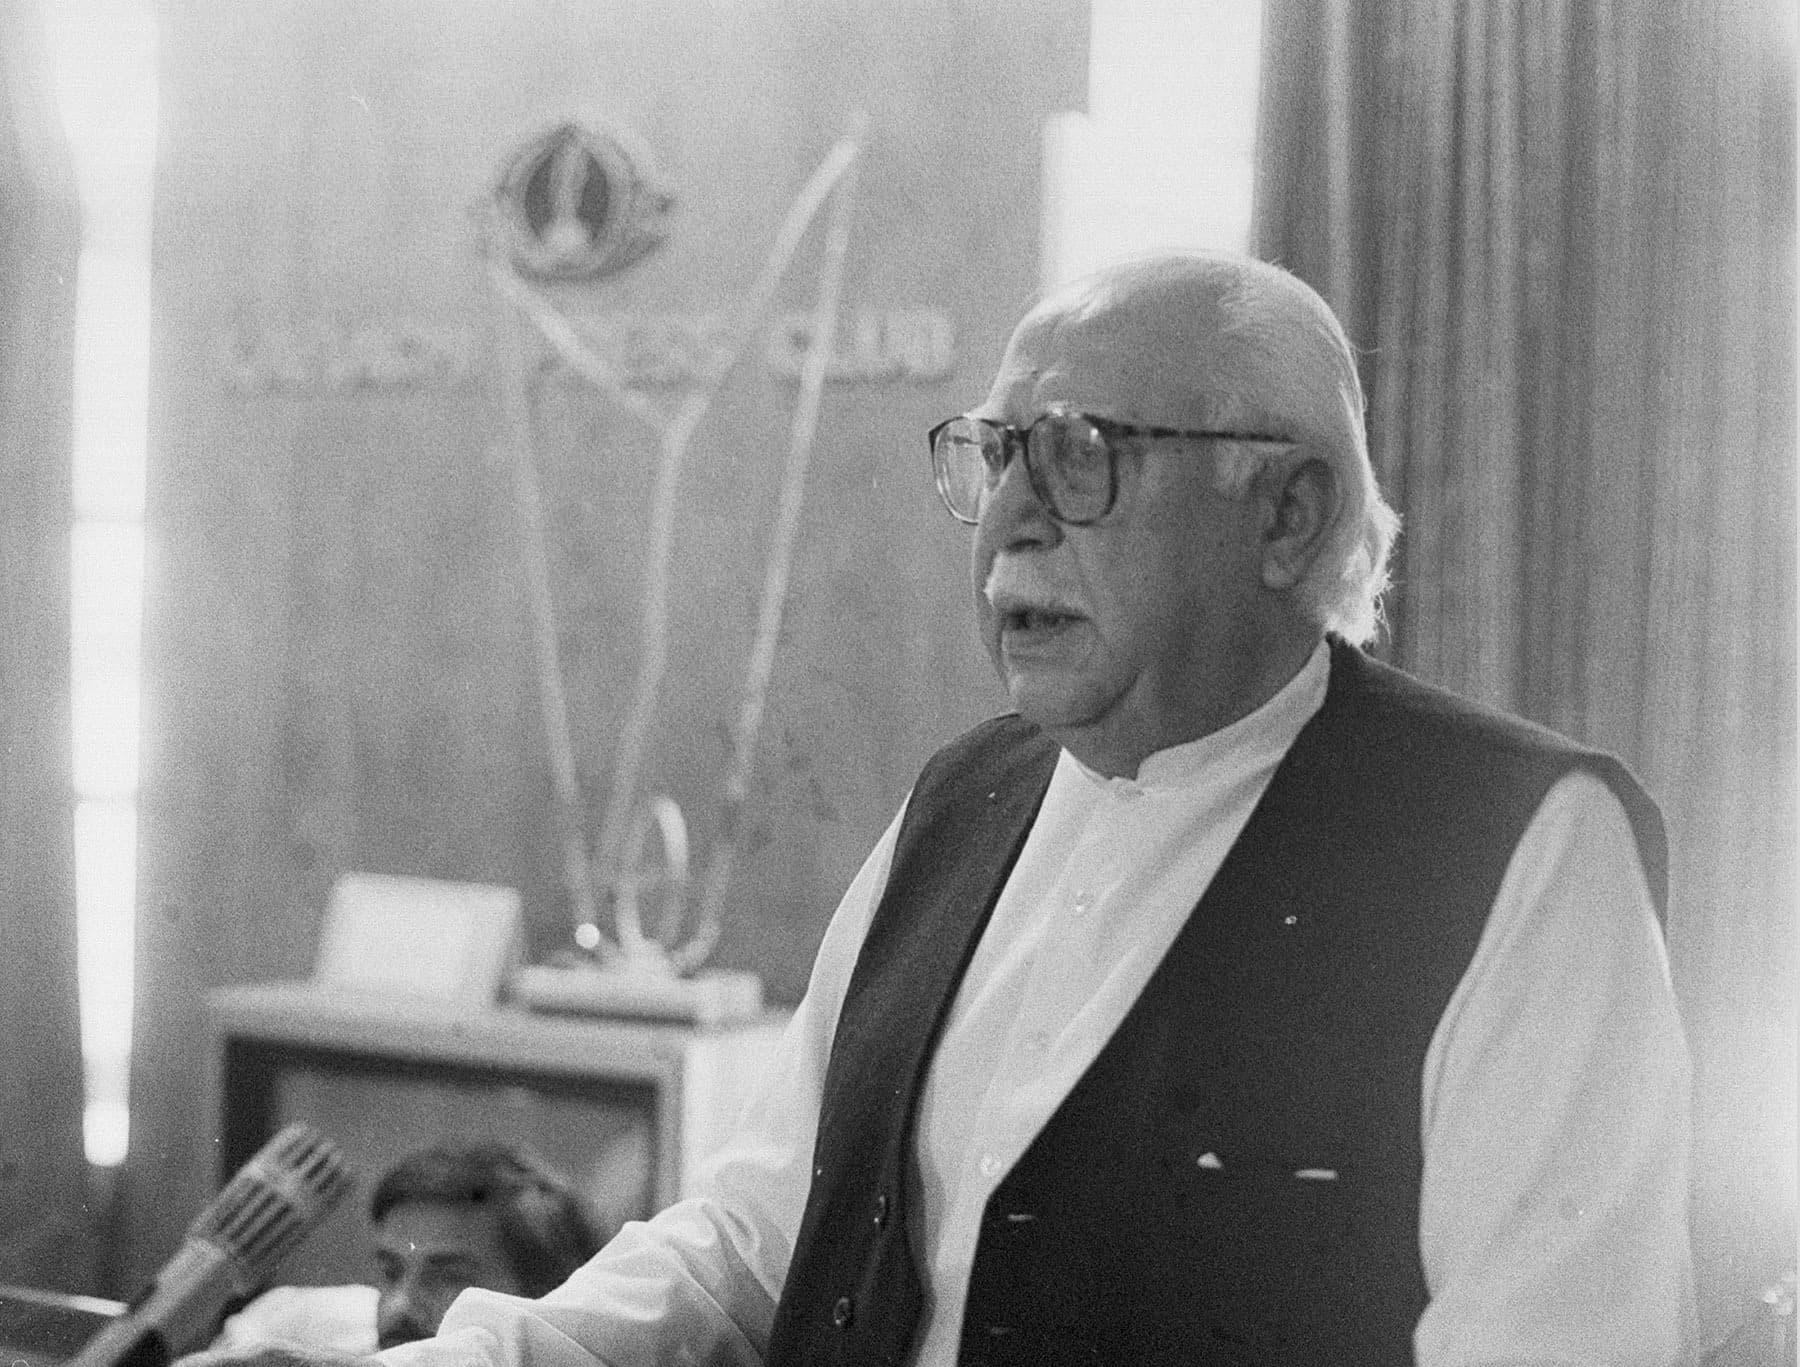 23 اپریل 1985ء کو بلوچ قوم پرست رہنما اور پاکستان نیشنل پارٹی کے رہنما غوث بخش بزنجو کراچی پریس کلب کے جلیس ہال میں منعقدہ میٹ دی پریس سے مخاطب ہیں— تصویر بشکریہ زاہد حسین